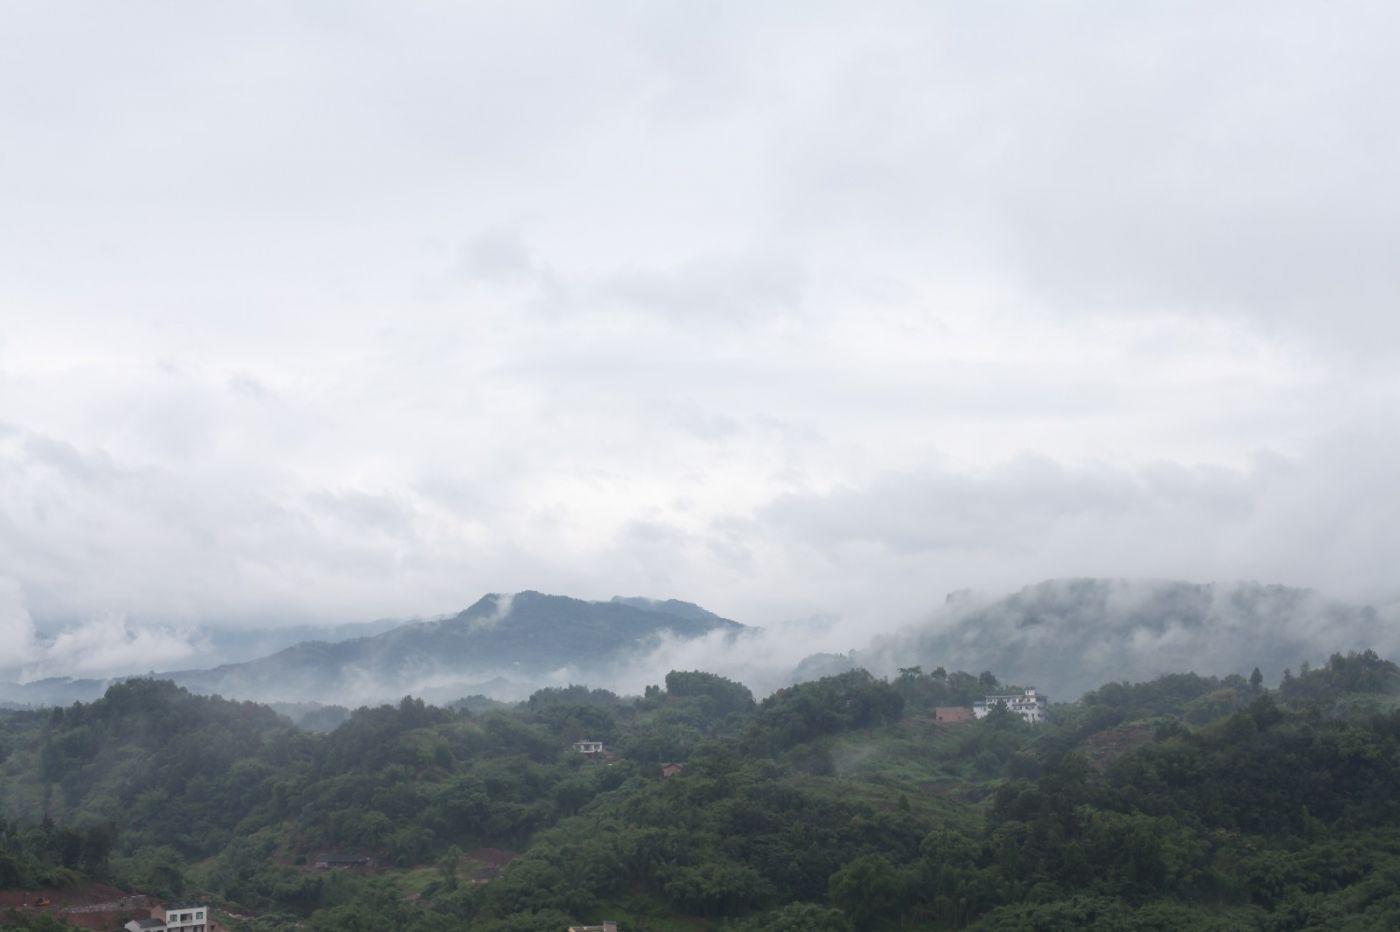 孕育了天赐尤物茅台酒的山野、林莽、溪流和河水那个空间_图1-14